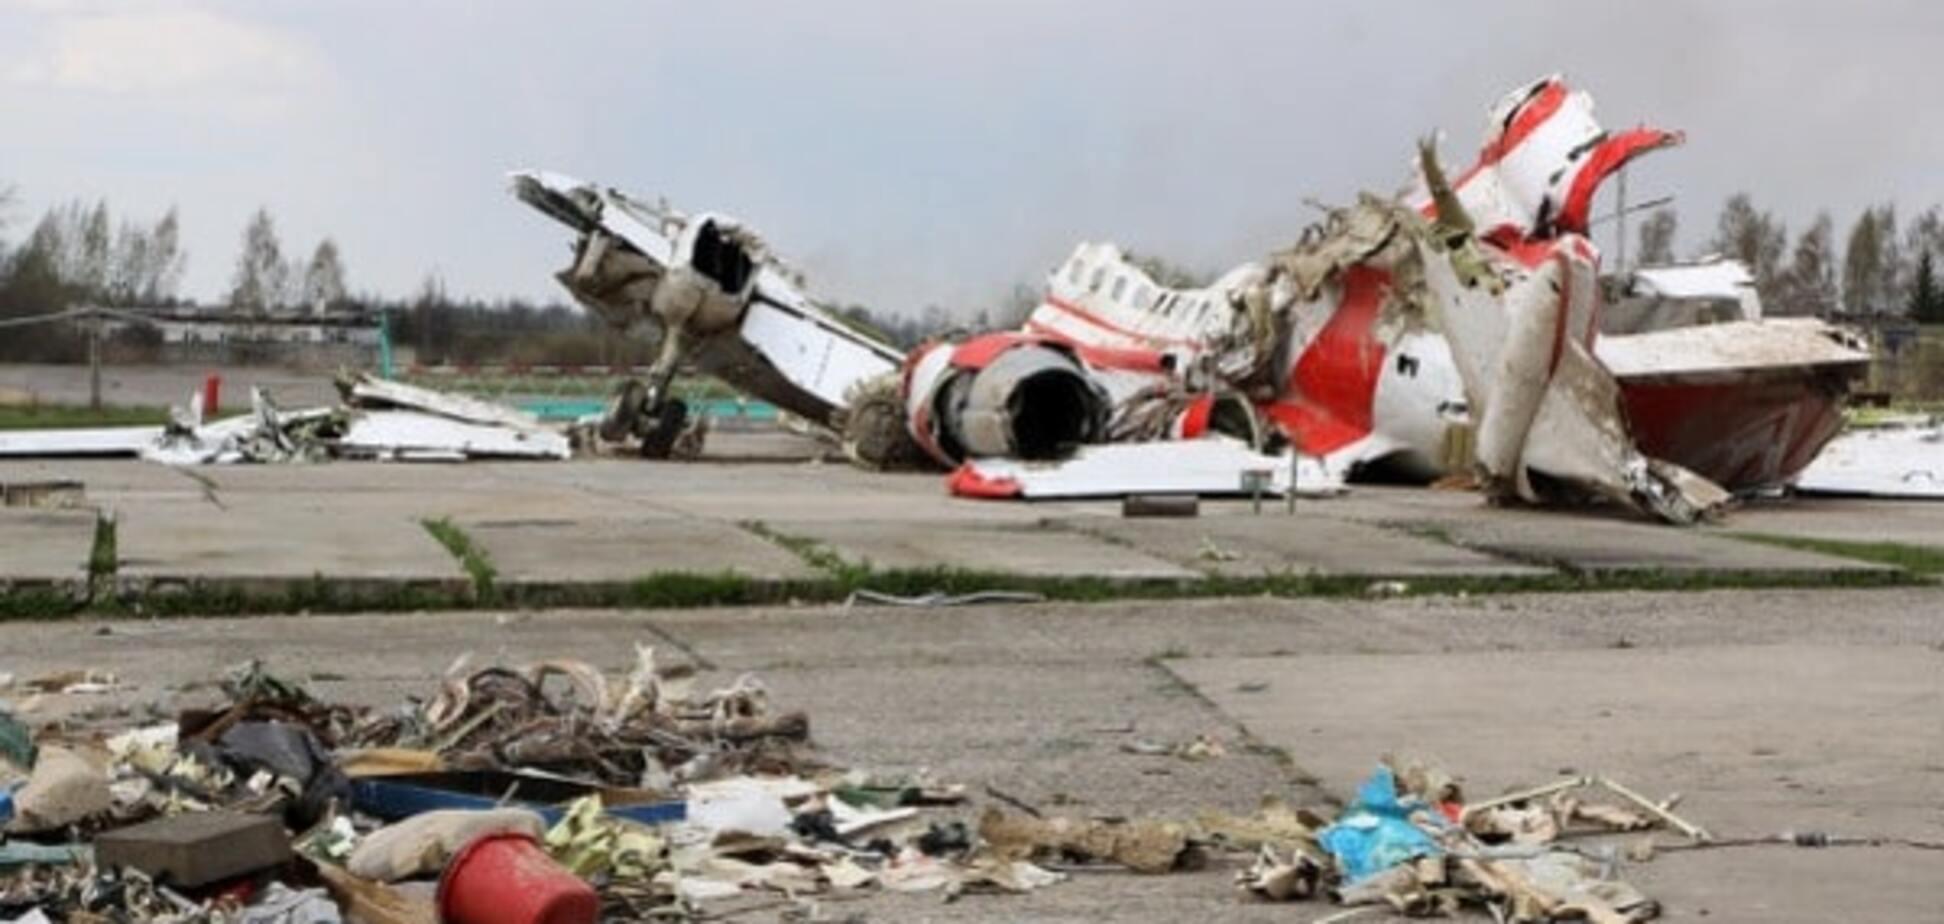 Прокуратура Польши приняла решение об эксгумации всех жертв смоленской катастрофы